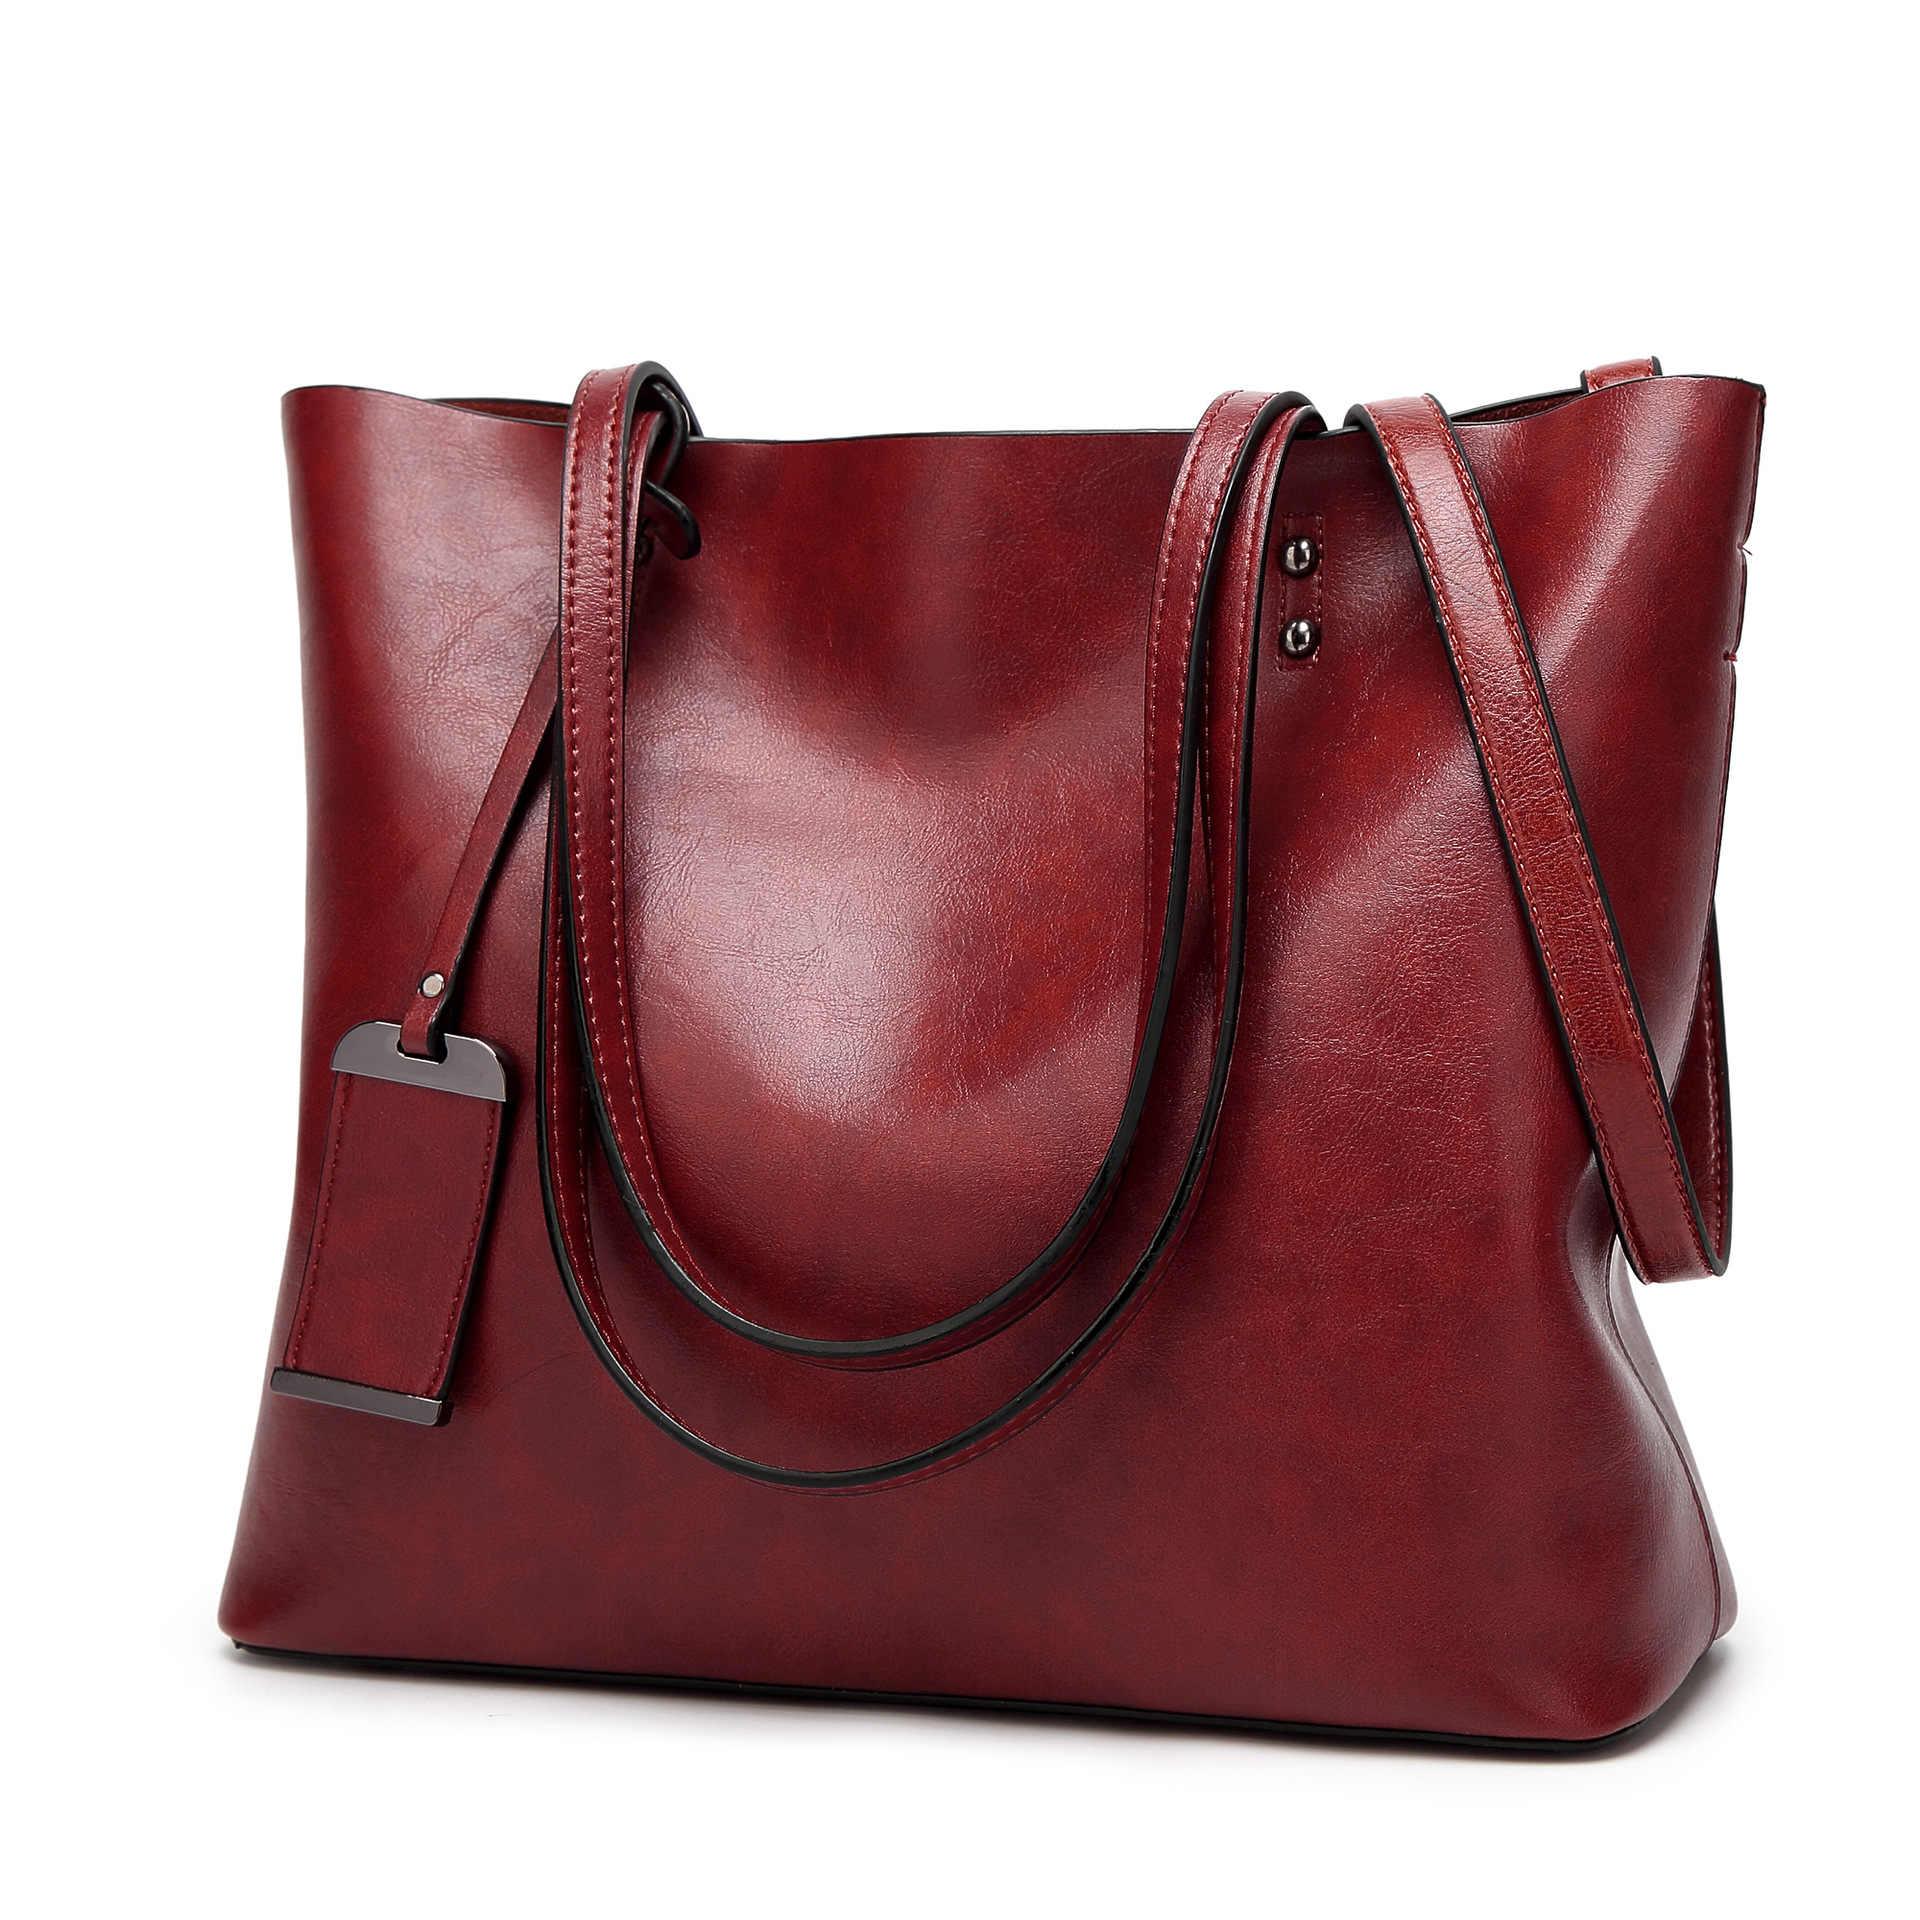 Sac a основной femme роскошные сумки женские сумки дизайнерские мягкие кожаные женские сумки через плечо дамские сумки с кисточками модные C1079